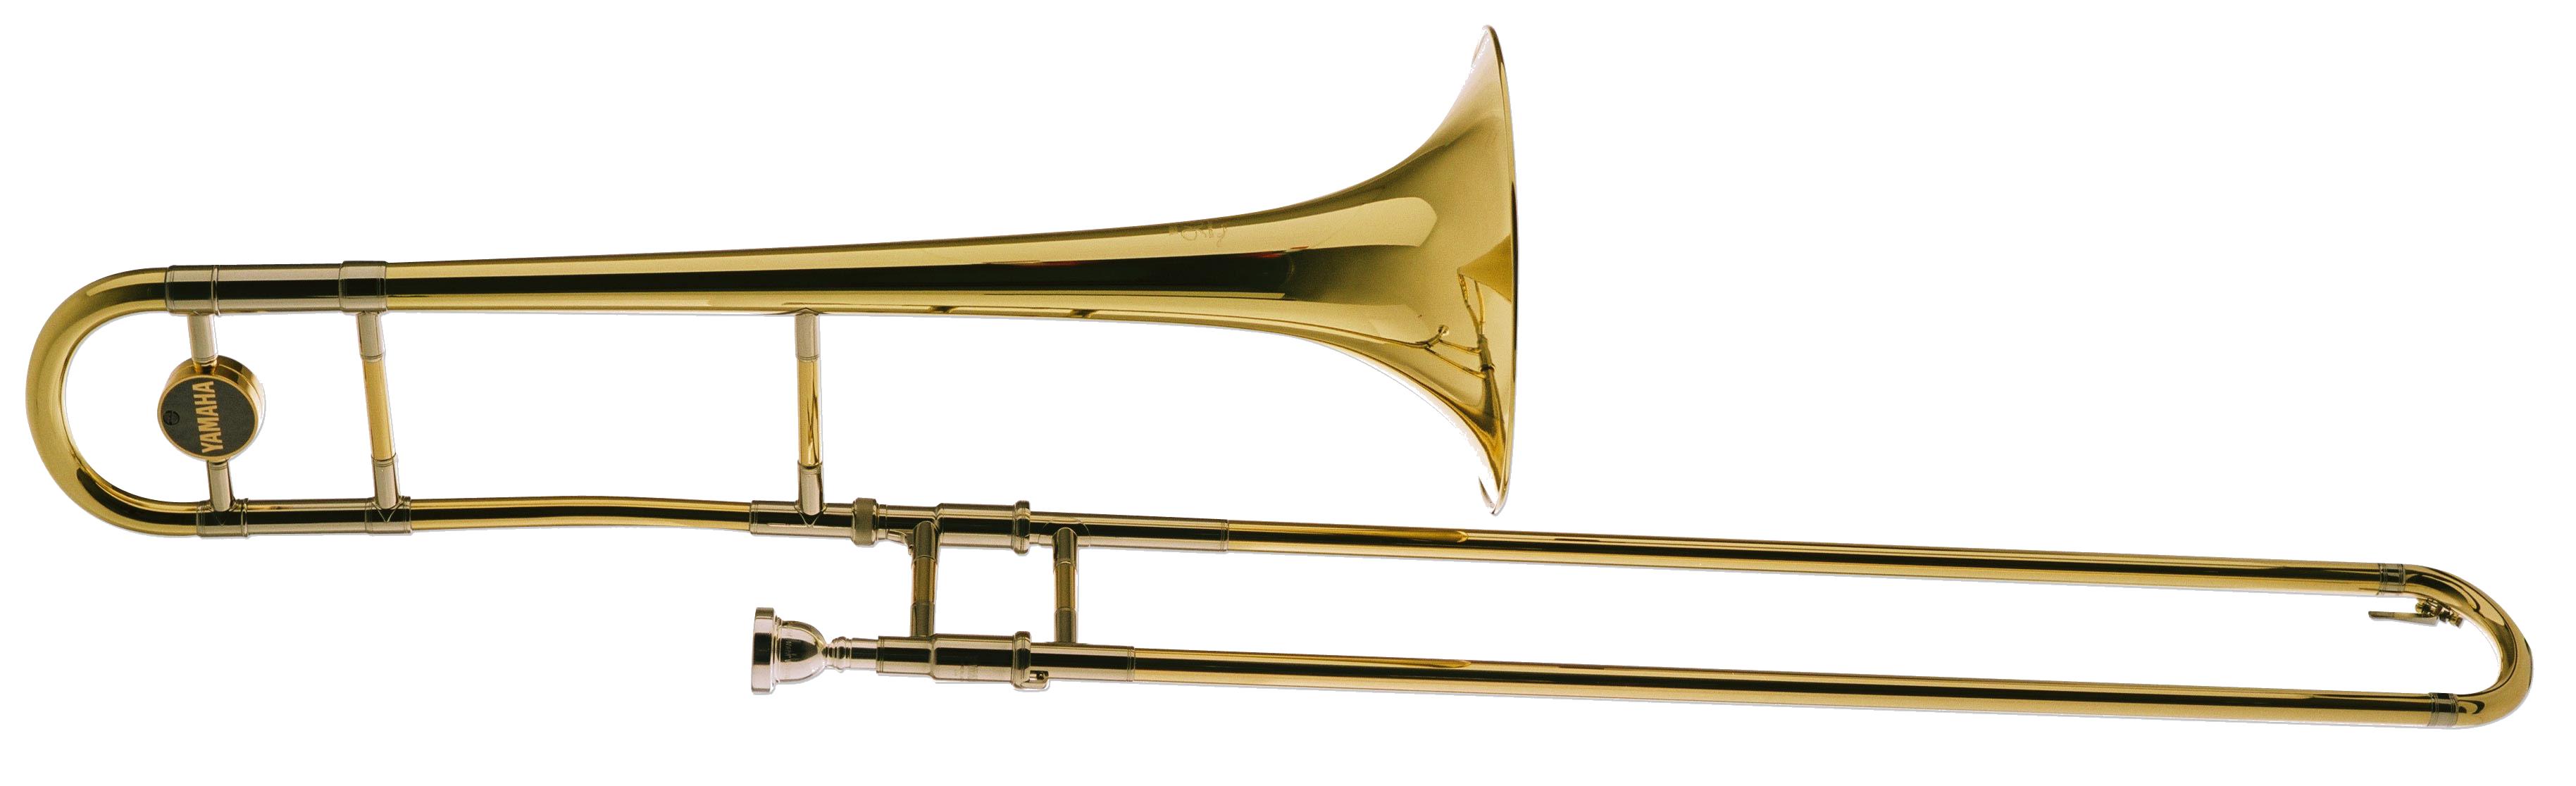 Trombone PNG - 17652